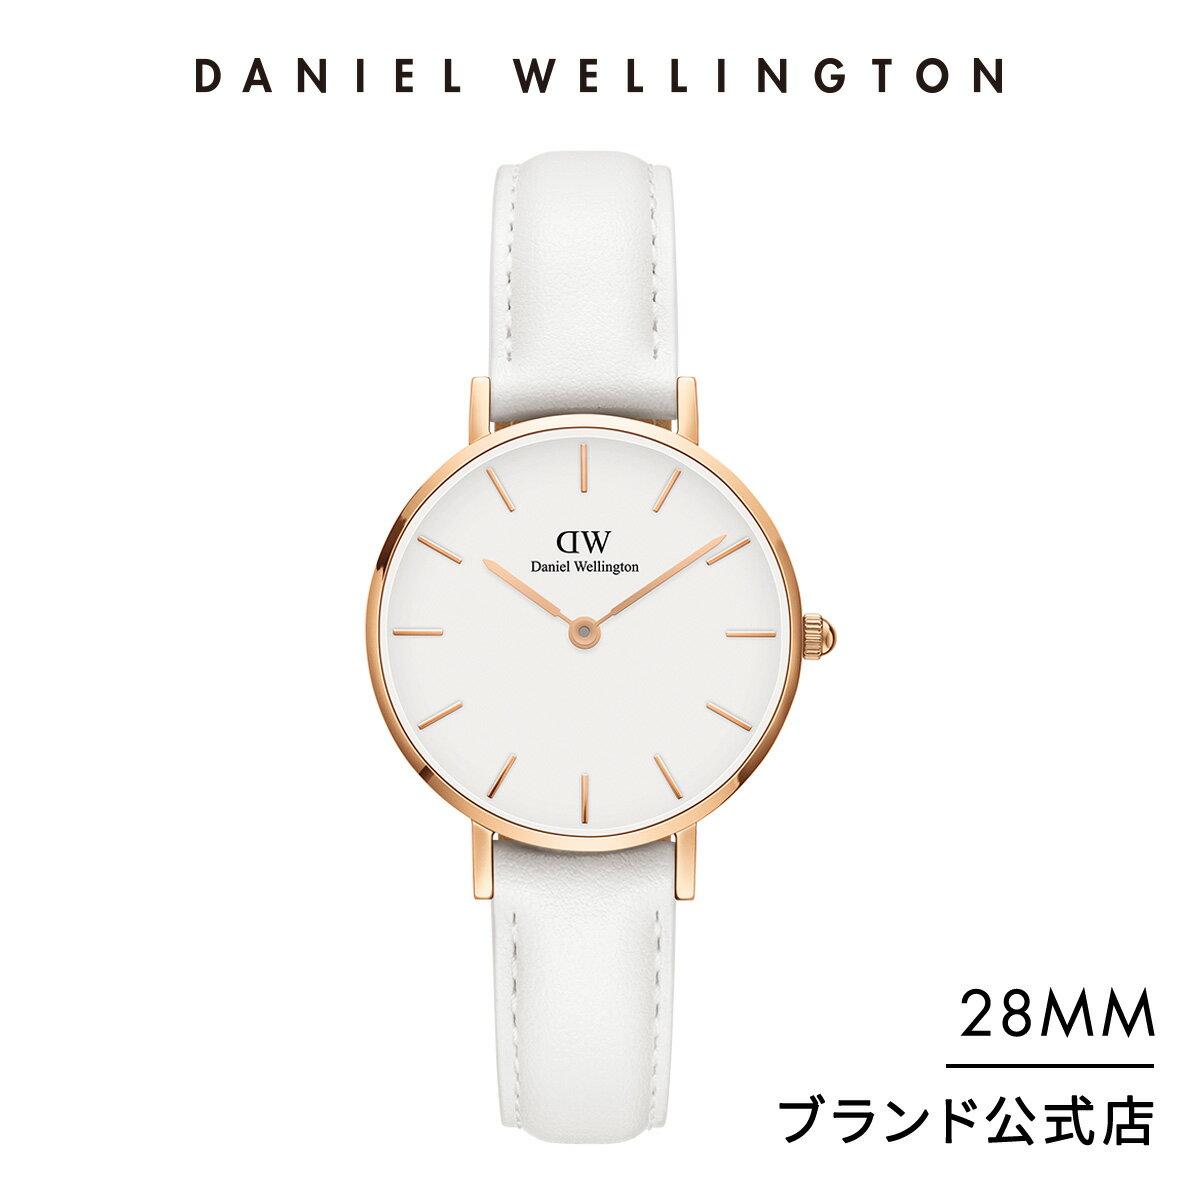 【公式2年保証/送料無料】ダニエルウェリントン公式 レディース 腕時計 Classic Petite Bondi 28mm 革 ベルト クラシック ぺティート ボンダイ DW プレゼント おしゃれ インスタ映え ブランド 彼女 彼氏 ペアスタイルに最適 ウォッチ